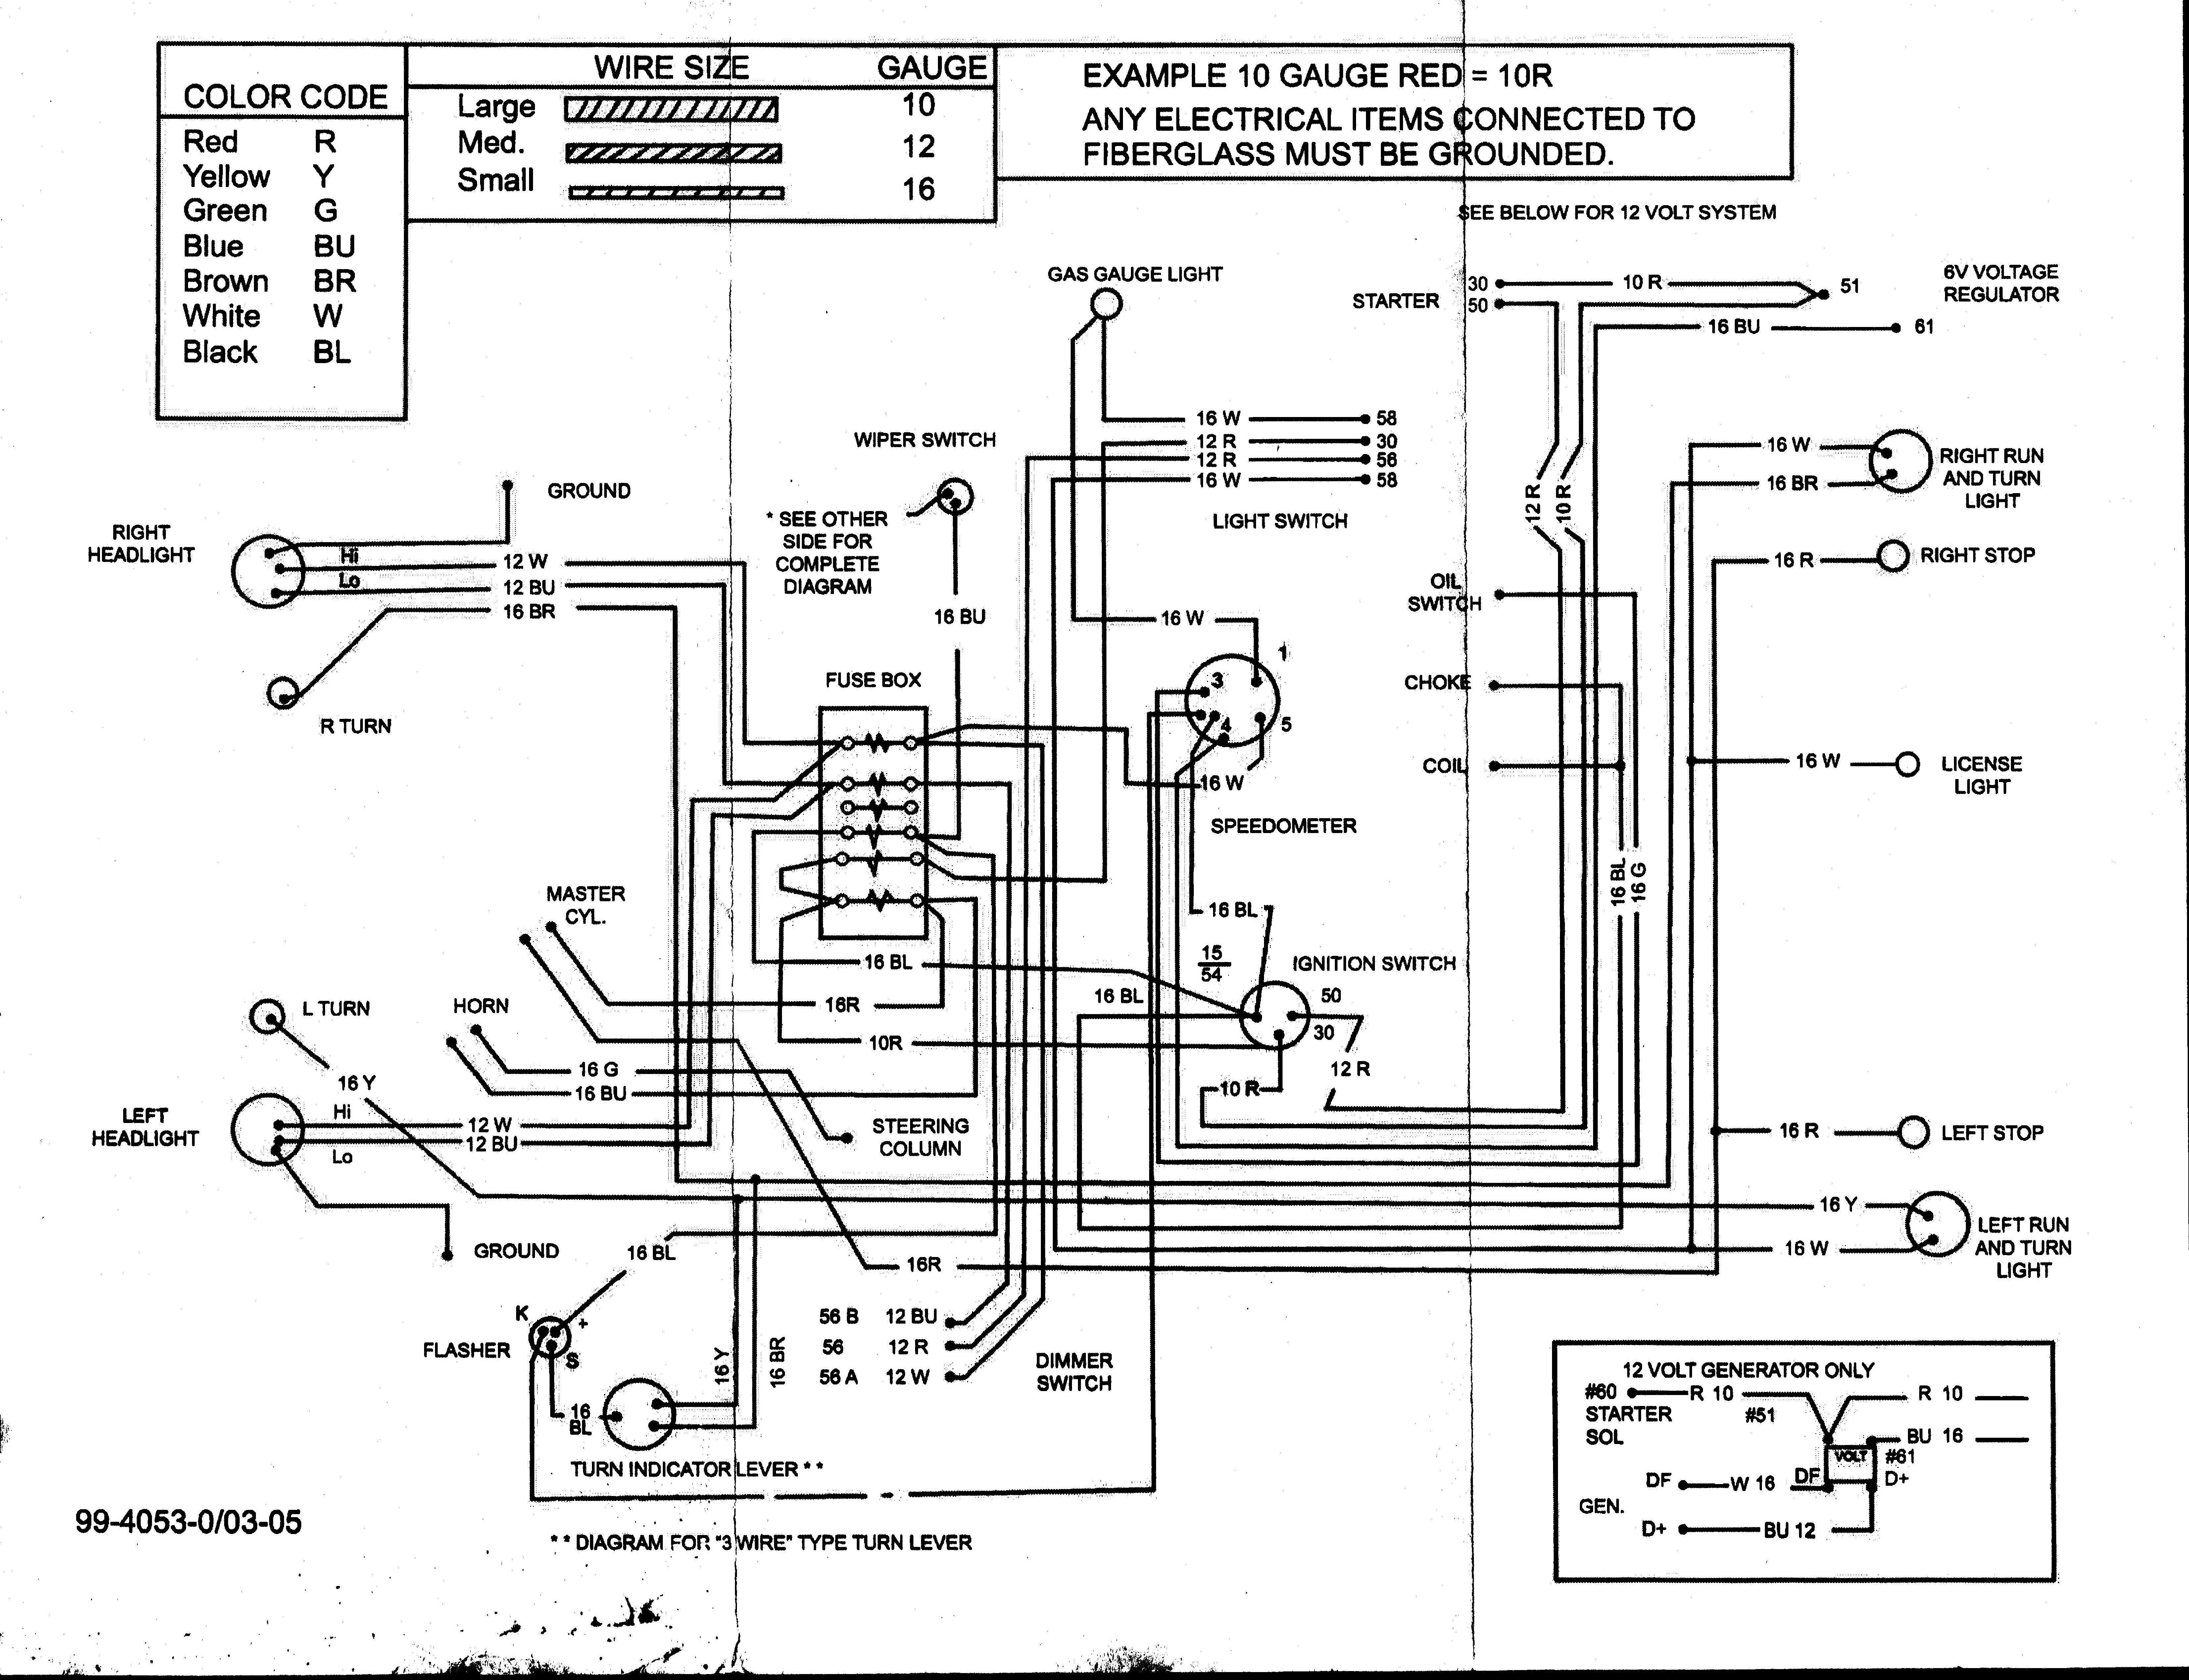 1999 Dakota Headlight Wiring Diagram Data Wiring Diagrams \u2022 1999  Lincoln Town Car Headlight Wiring Diagram 1999 Dodge Dakota Headlight  Switch Wiring ...